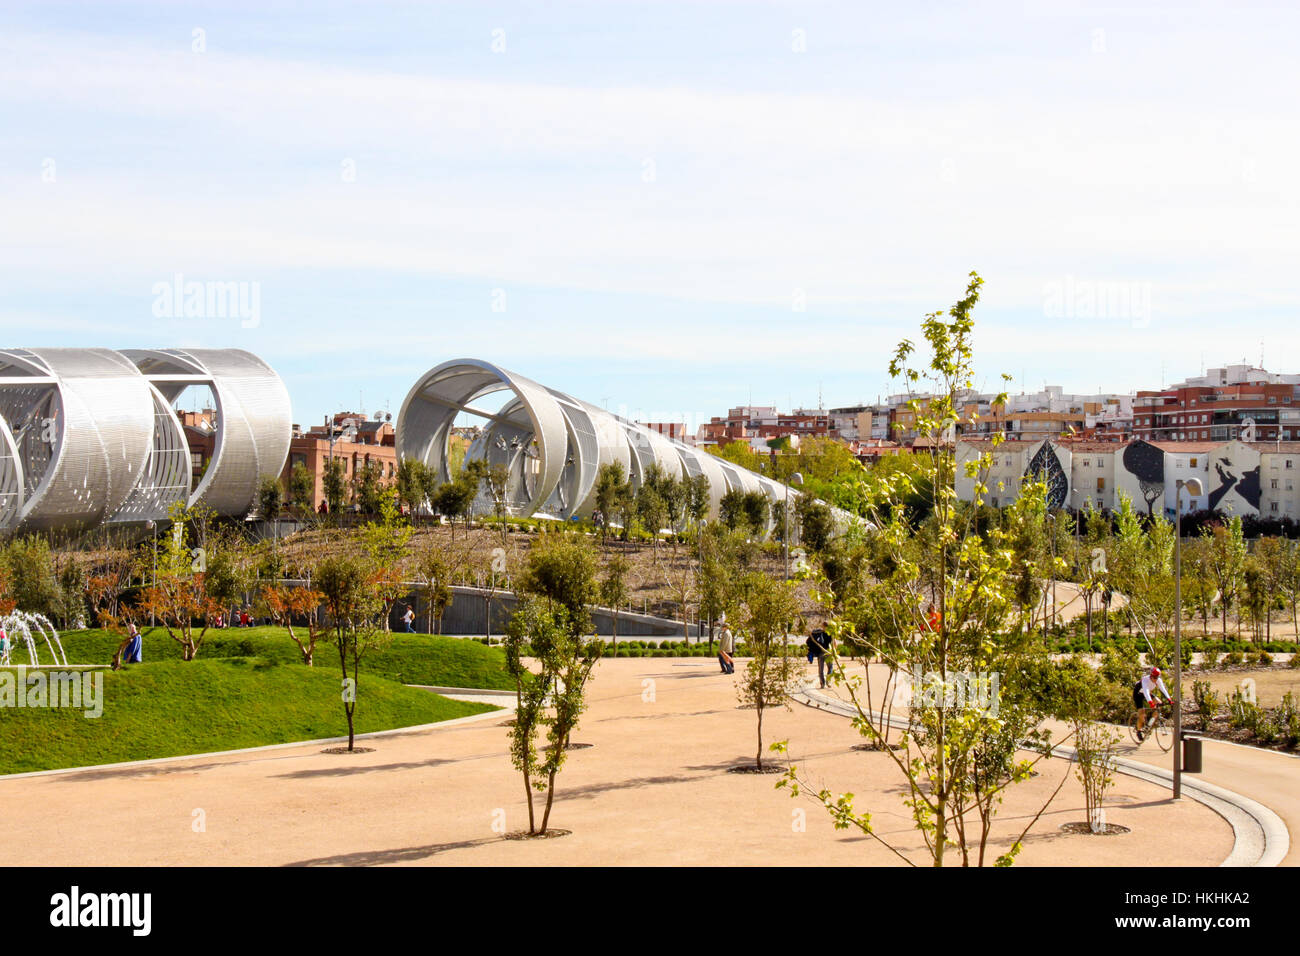 Madrid, Spain - April 20, 2013: Arganzuela Bridge (designed by Dominique Perrault) and Madrid Rio Park . - Stock Image